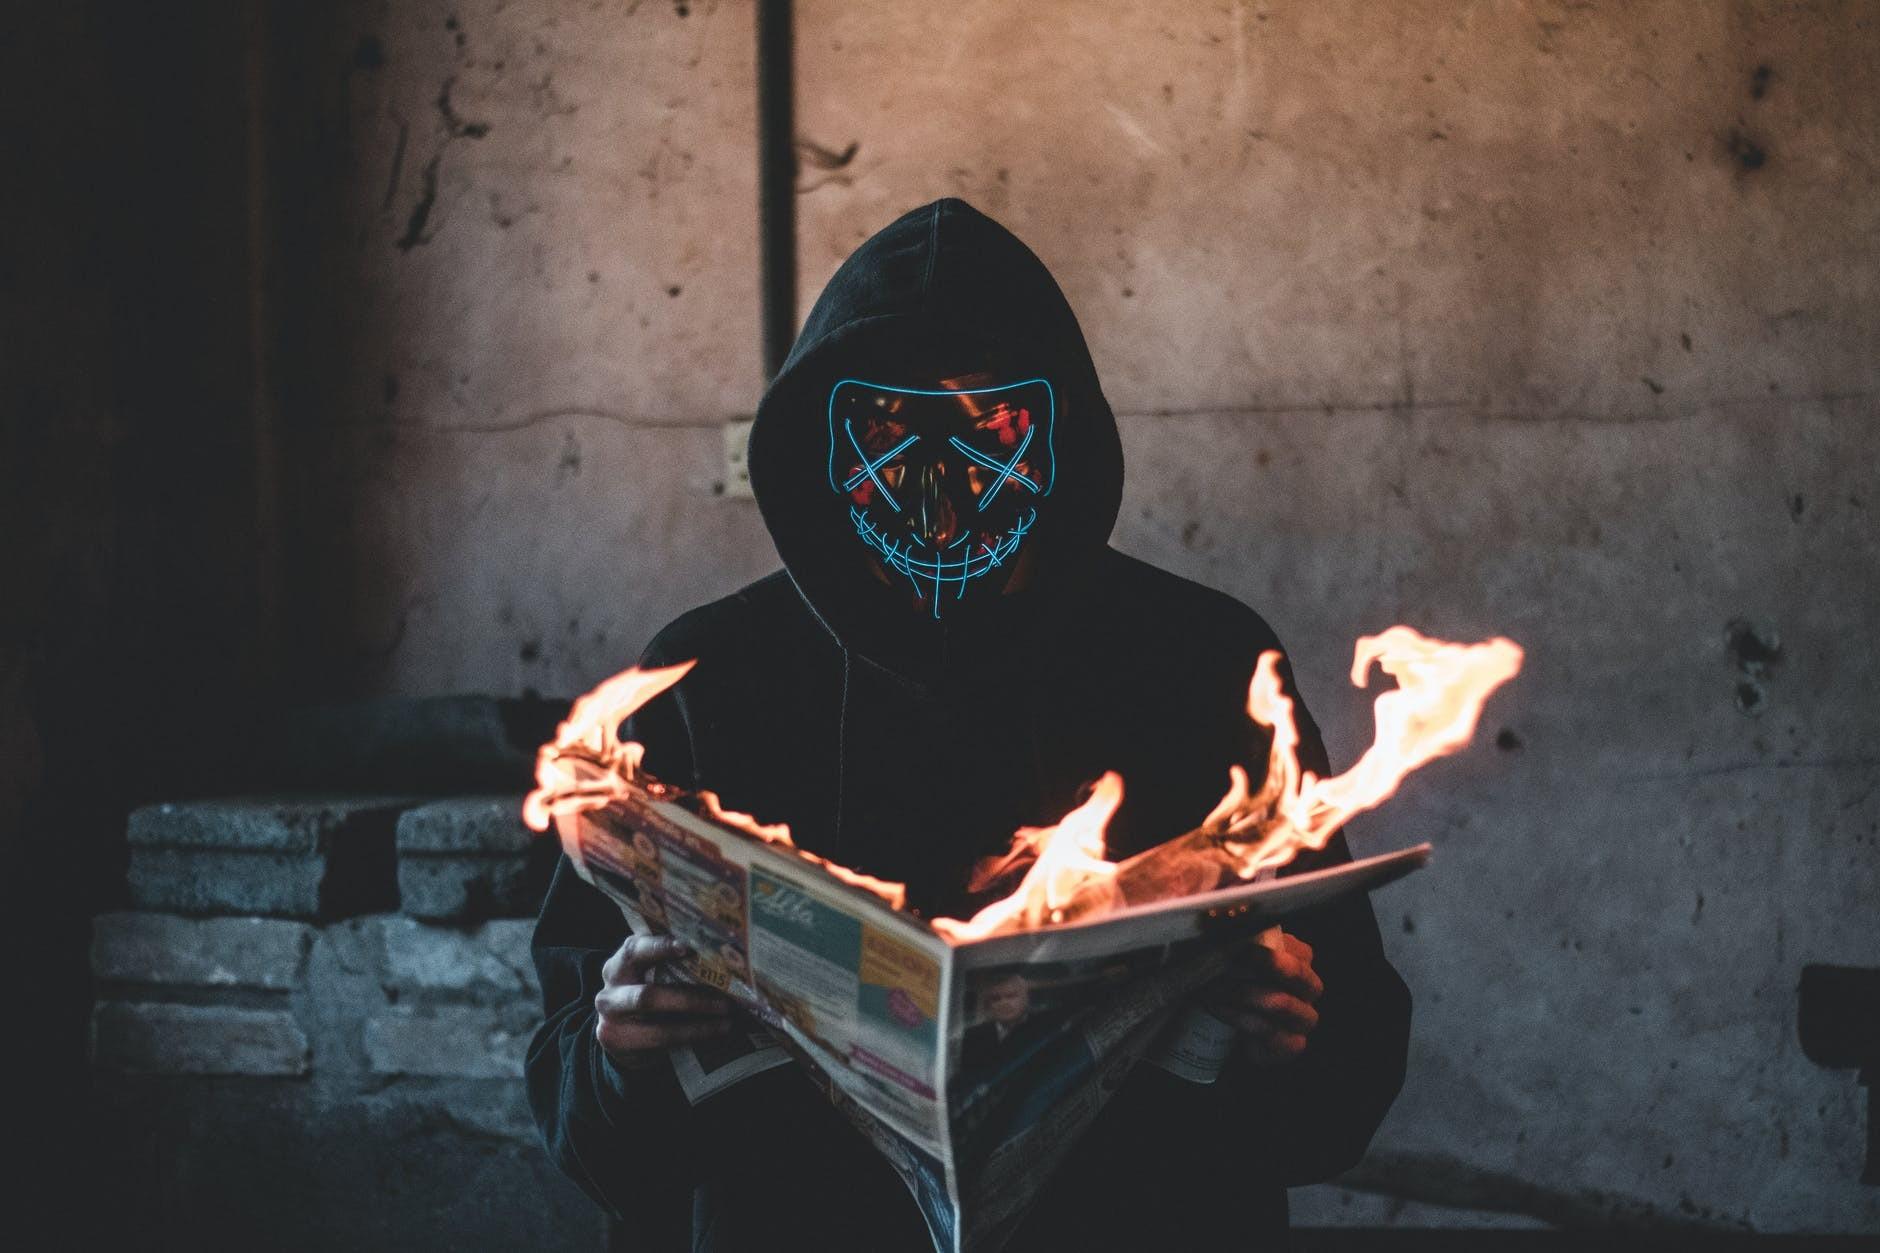 a cyberpunk burning a newspaper